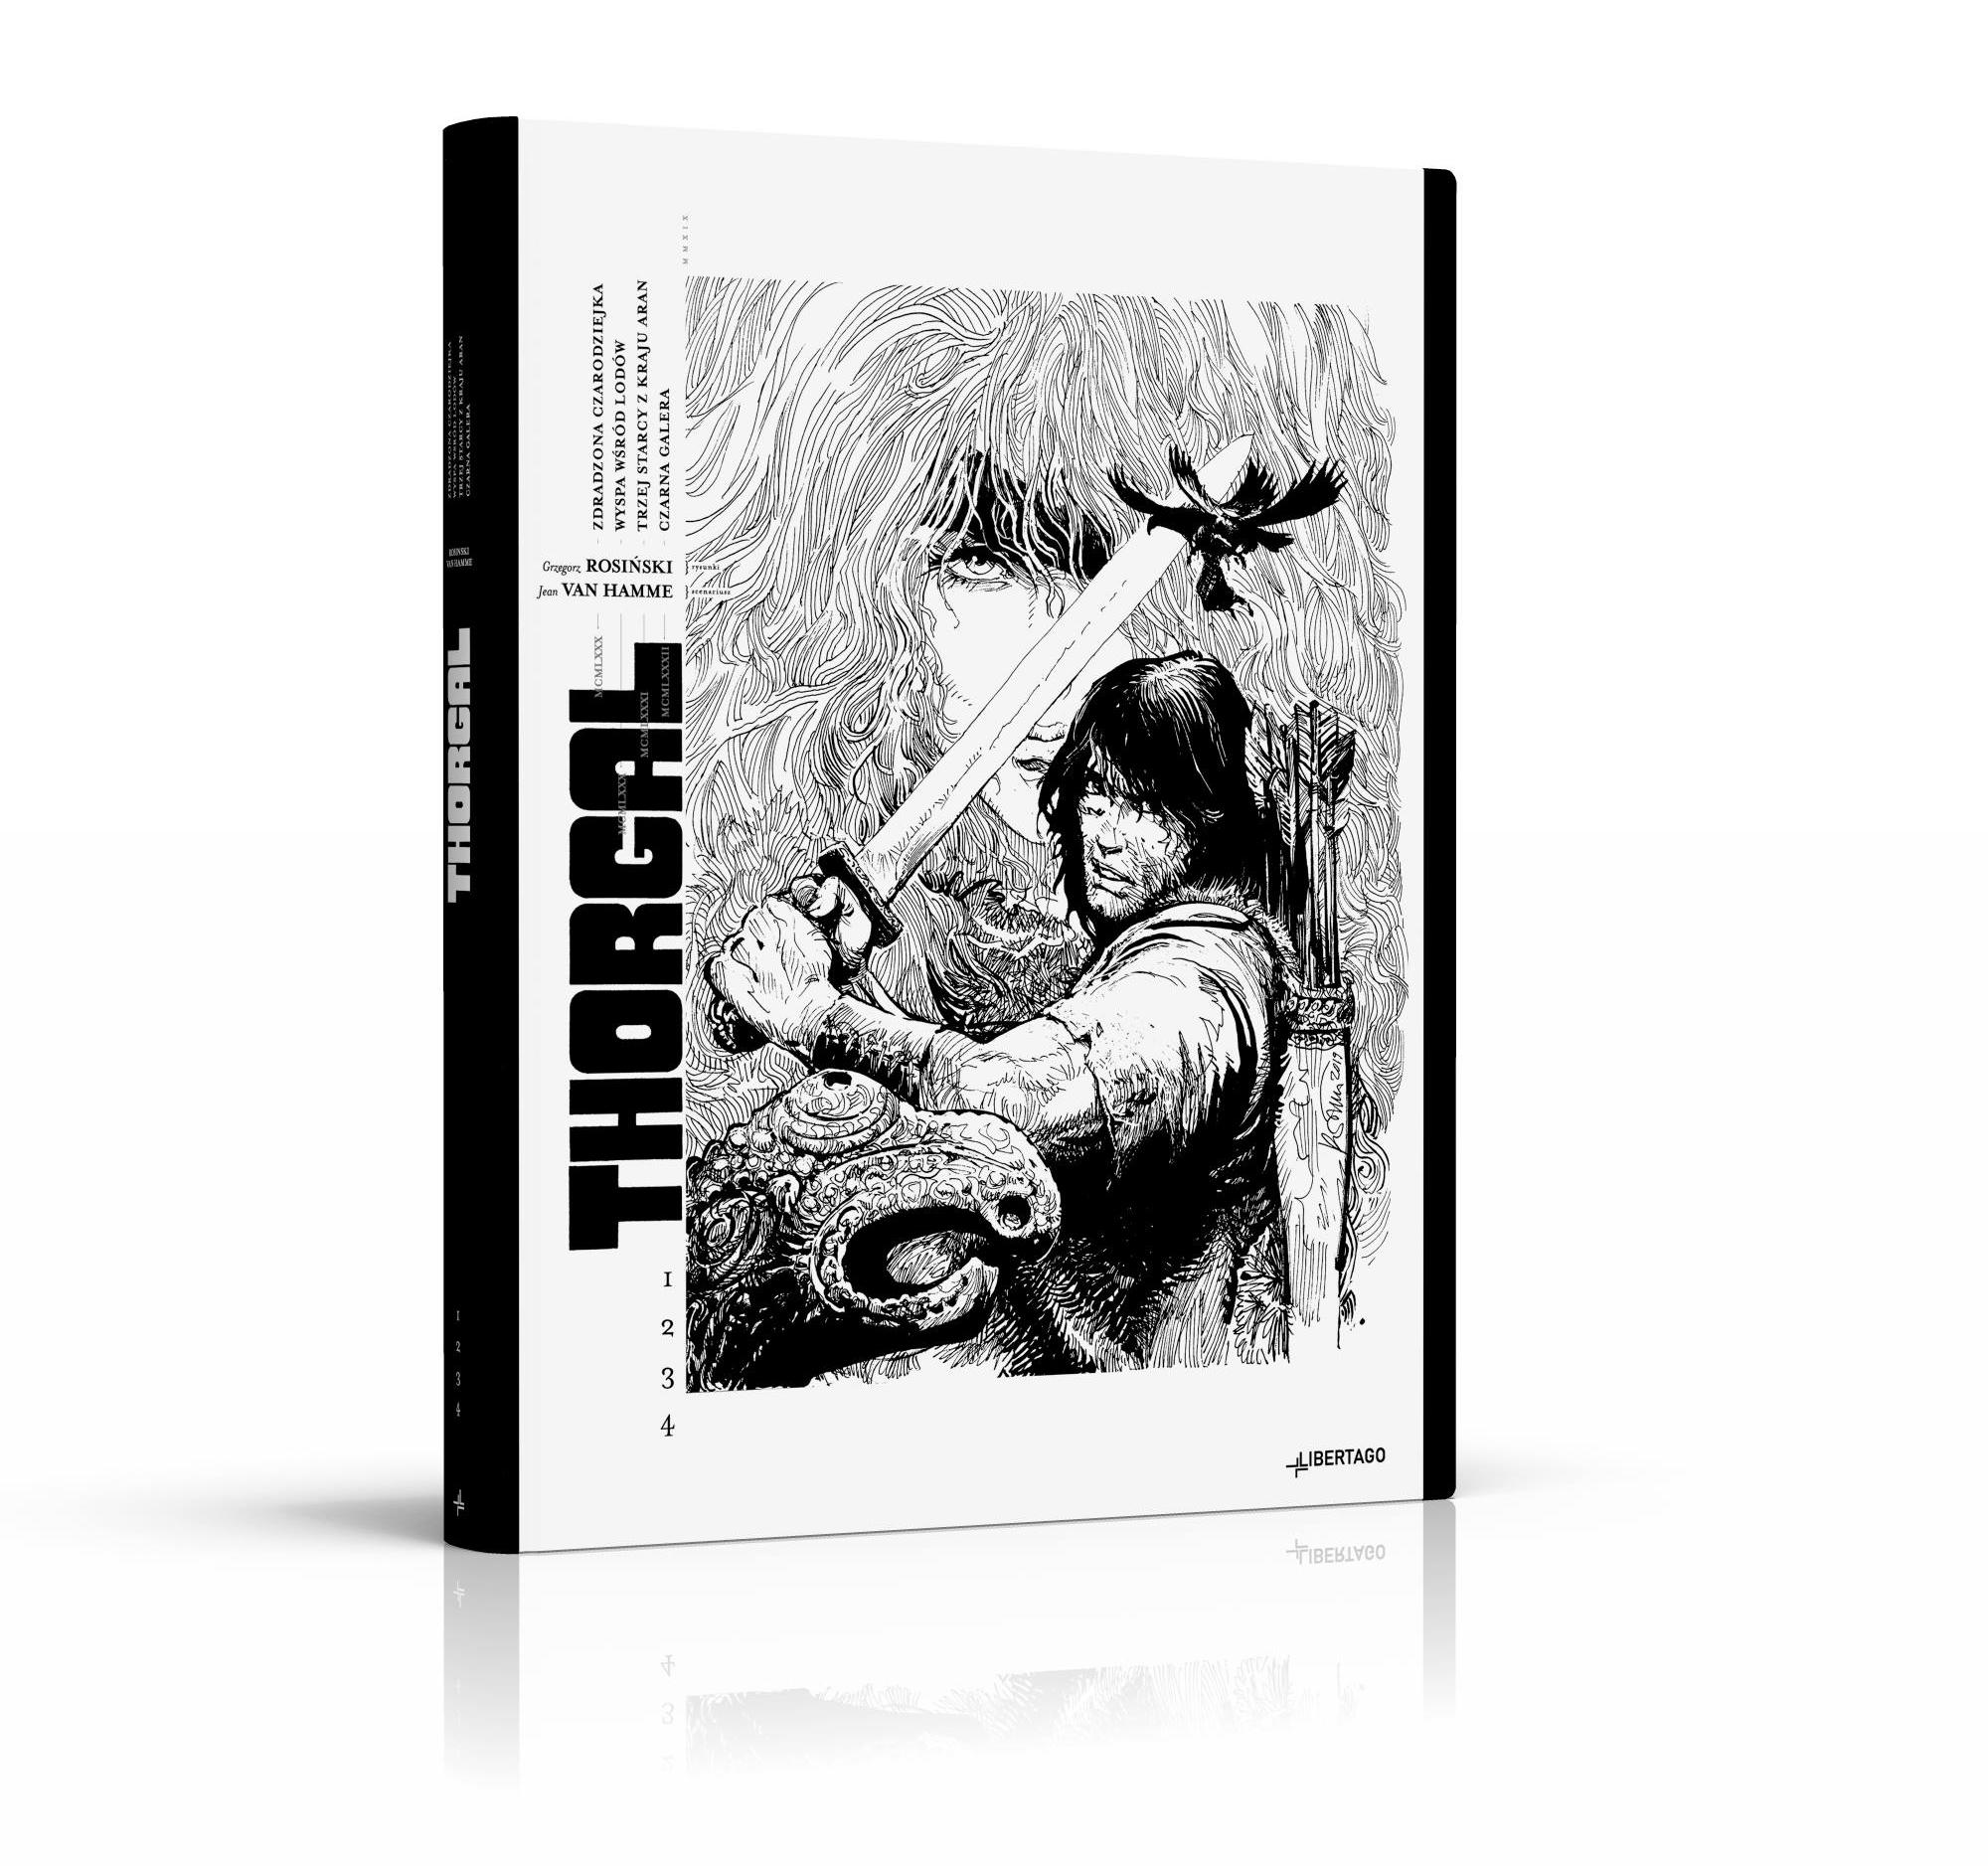 Rusza przedsprzedaż czarno-białego Thorgala (link)